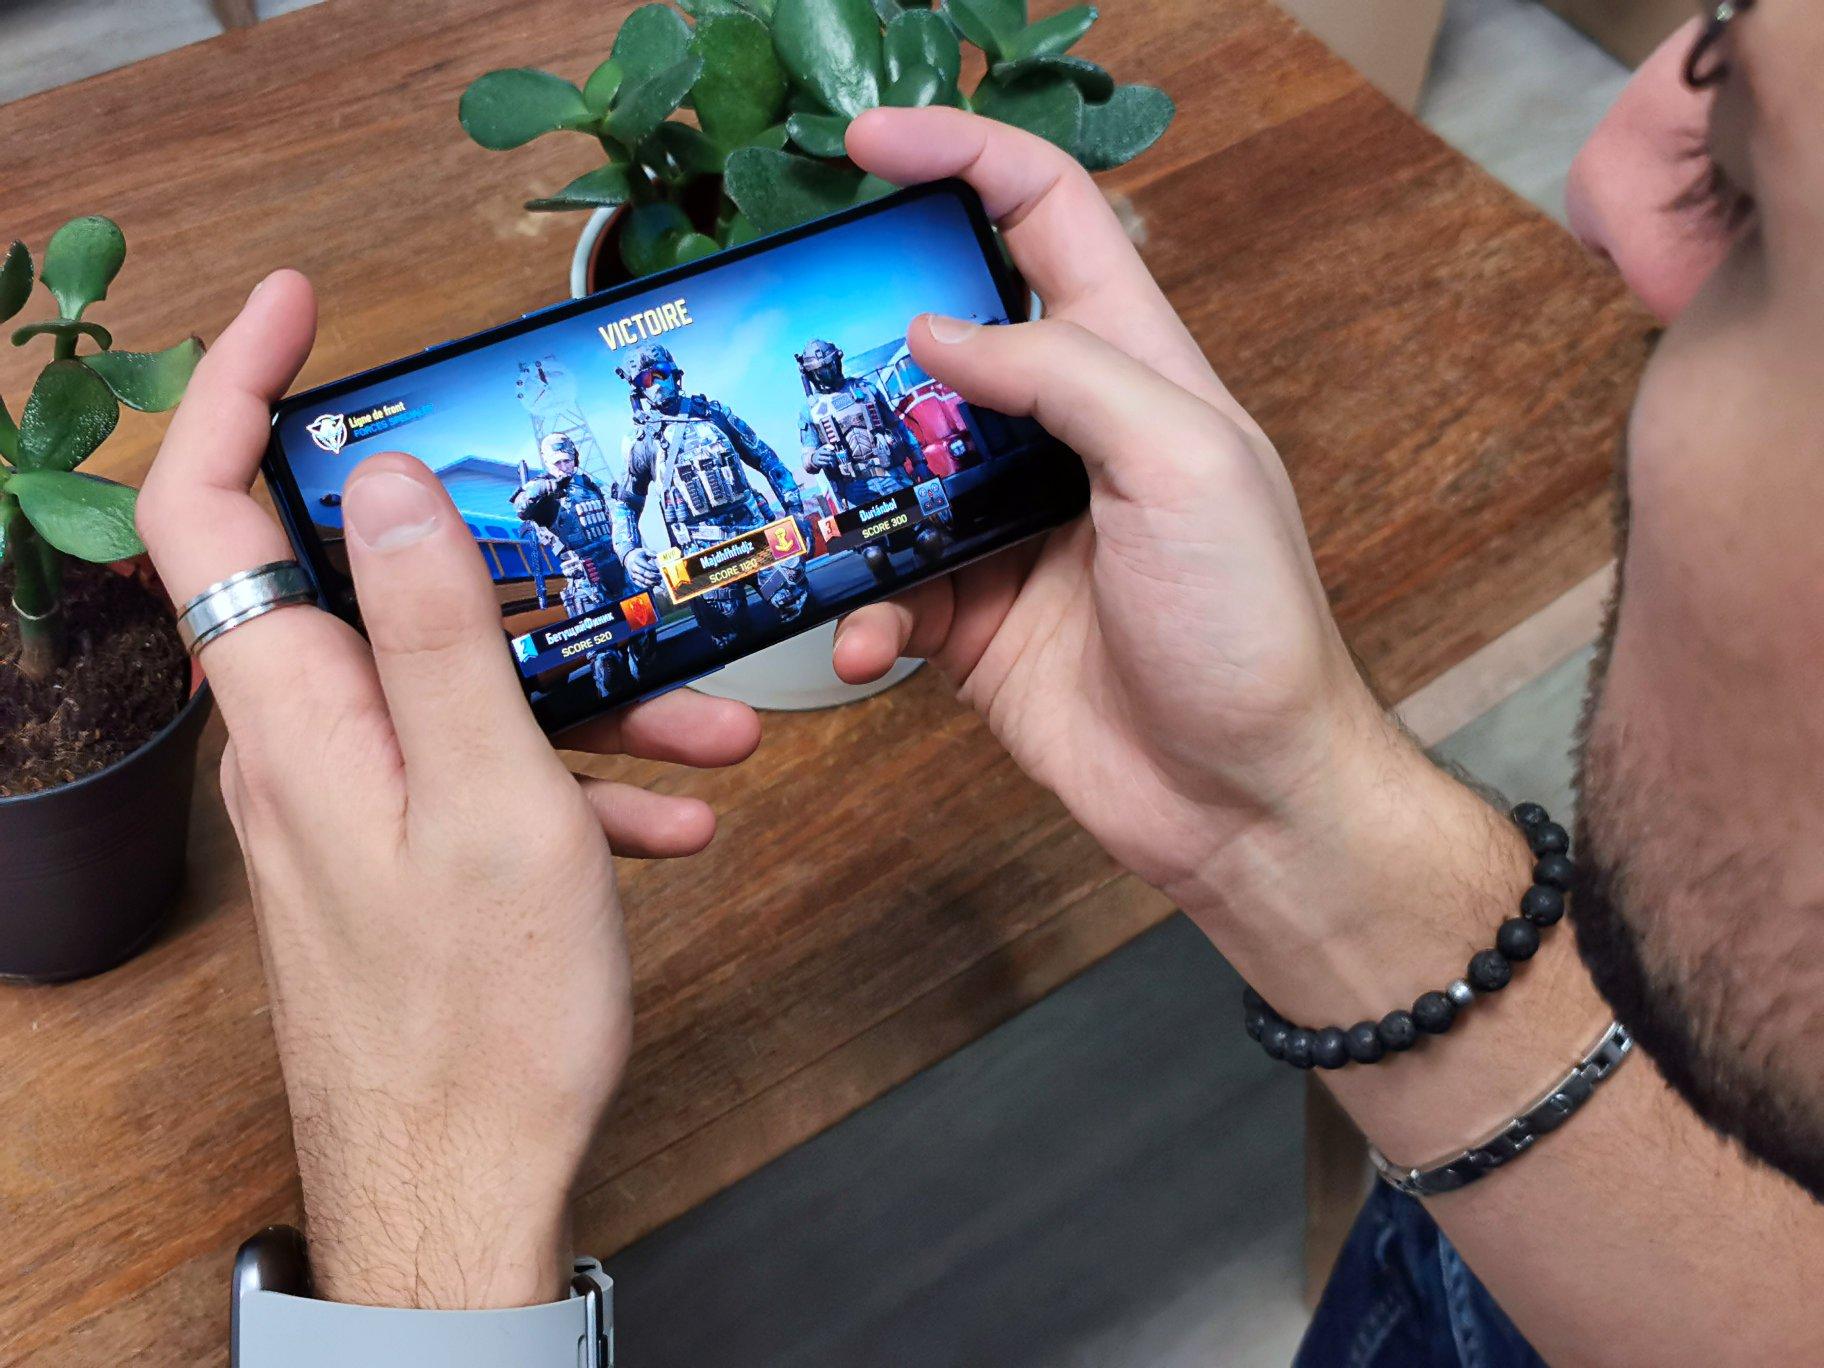 Les Meilleurs Fps Et Tps (Jeux De Tir) Sur Android Et Iphone à Jeux De Garcon Gratuit 3 Ans